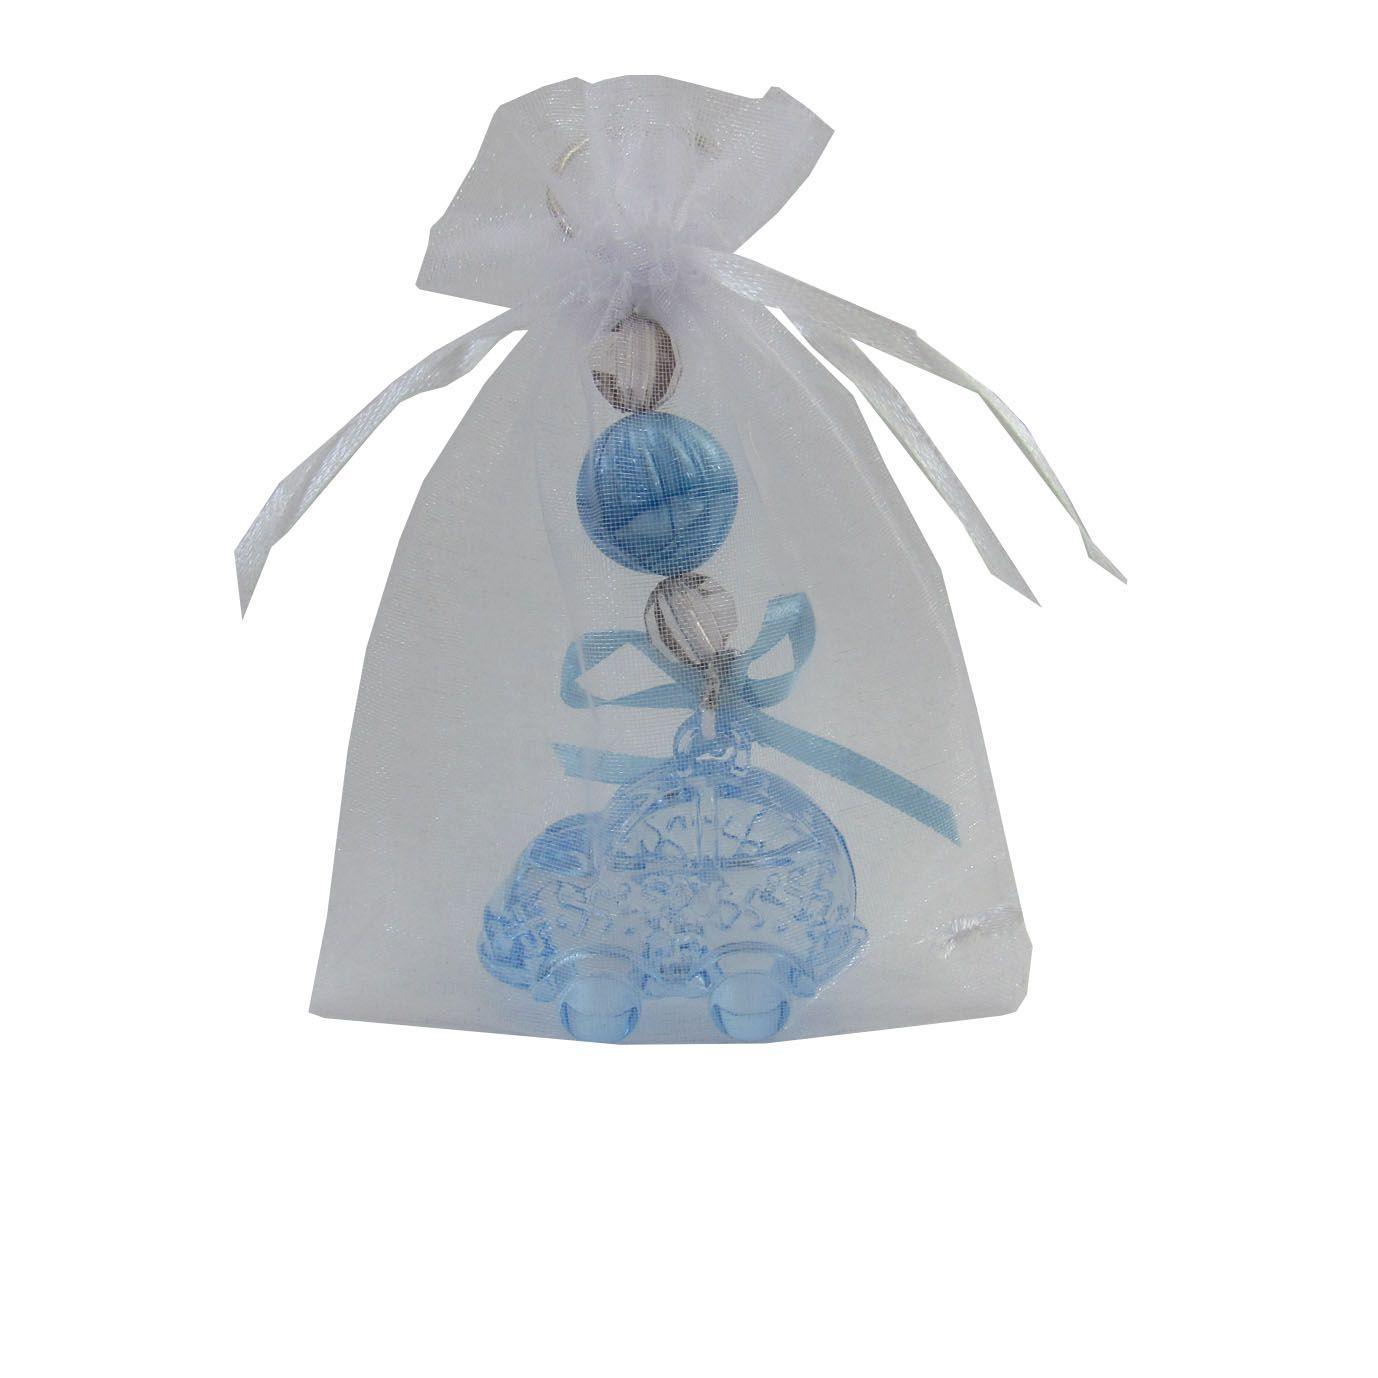 30 Lembrancinhas de Maternidade  Chaveiro Carrinho Acrílico - Acompanha Organza